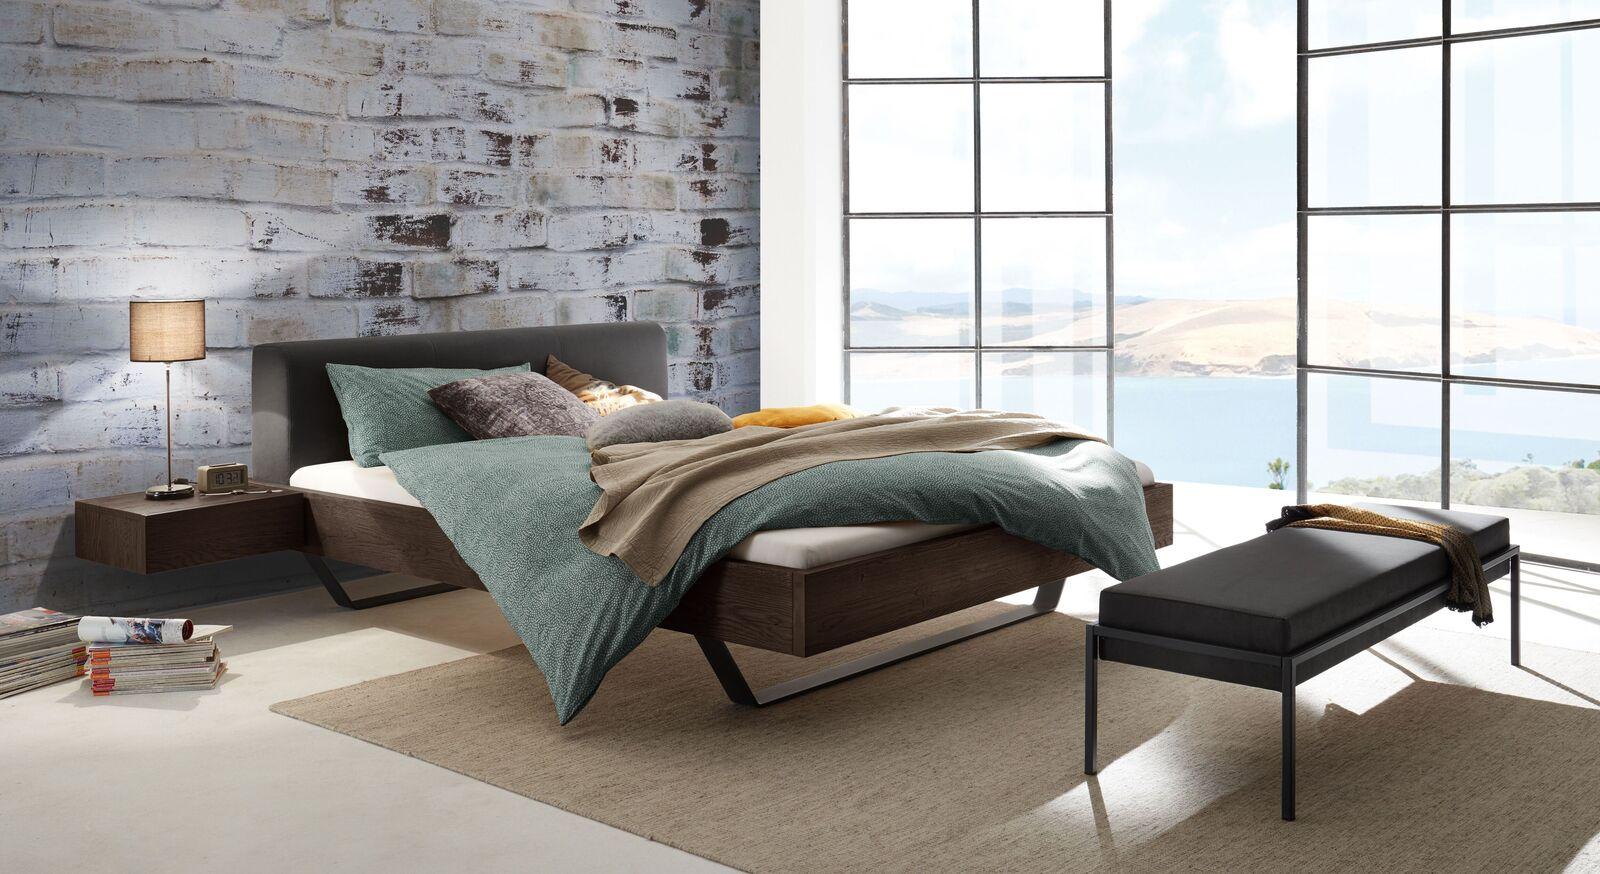 Bett Cenadro mit passendem Schlafzimmermöbeln